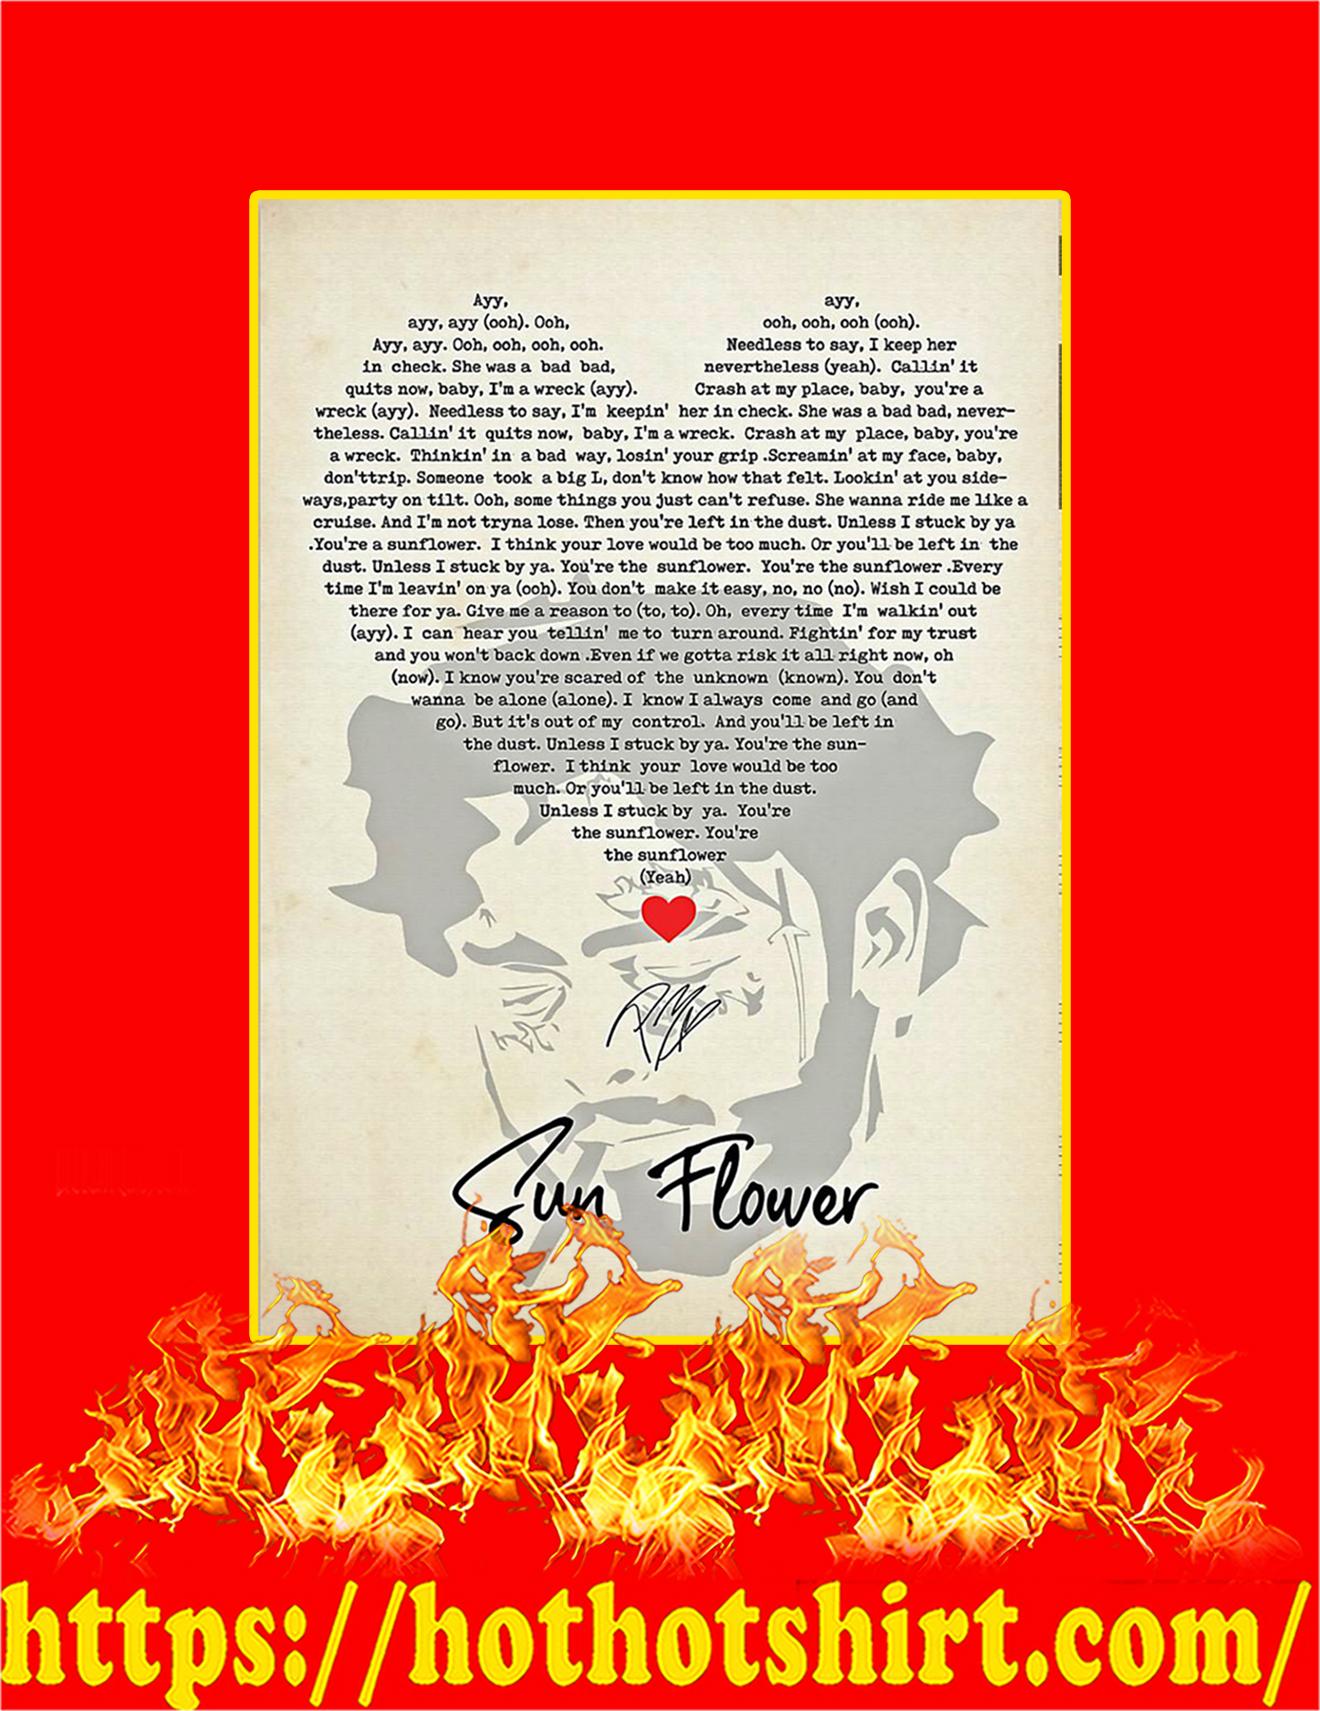 Sun Flower Signature Poster - A2